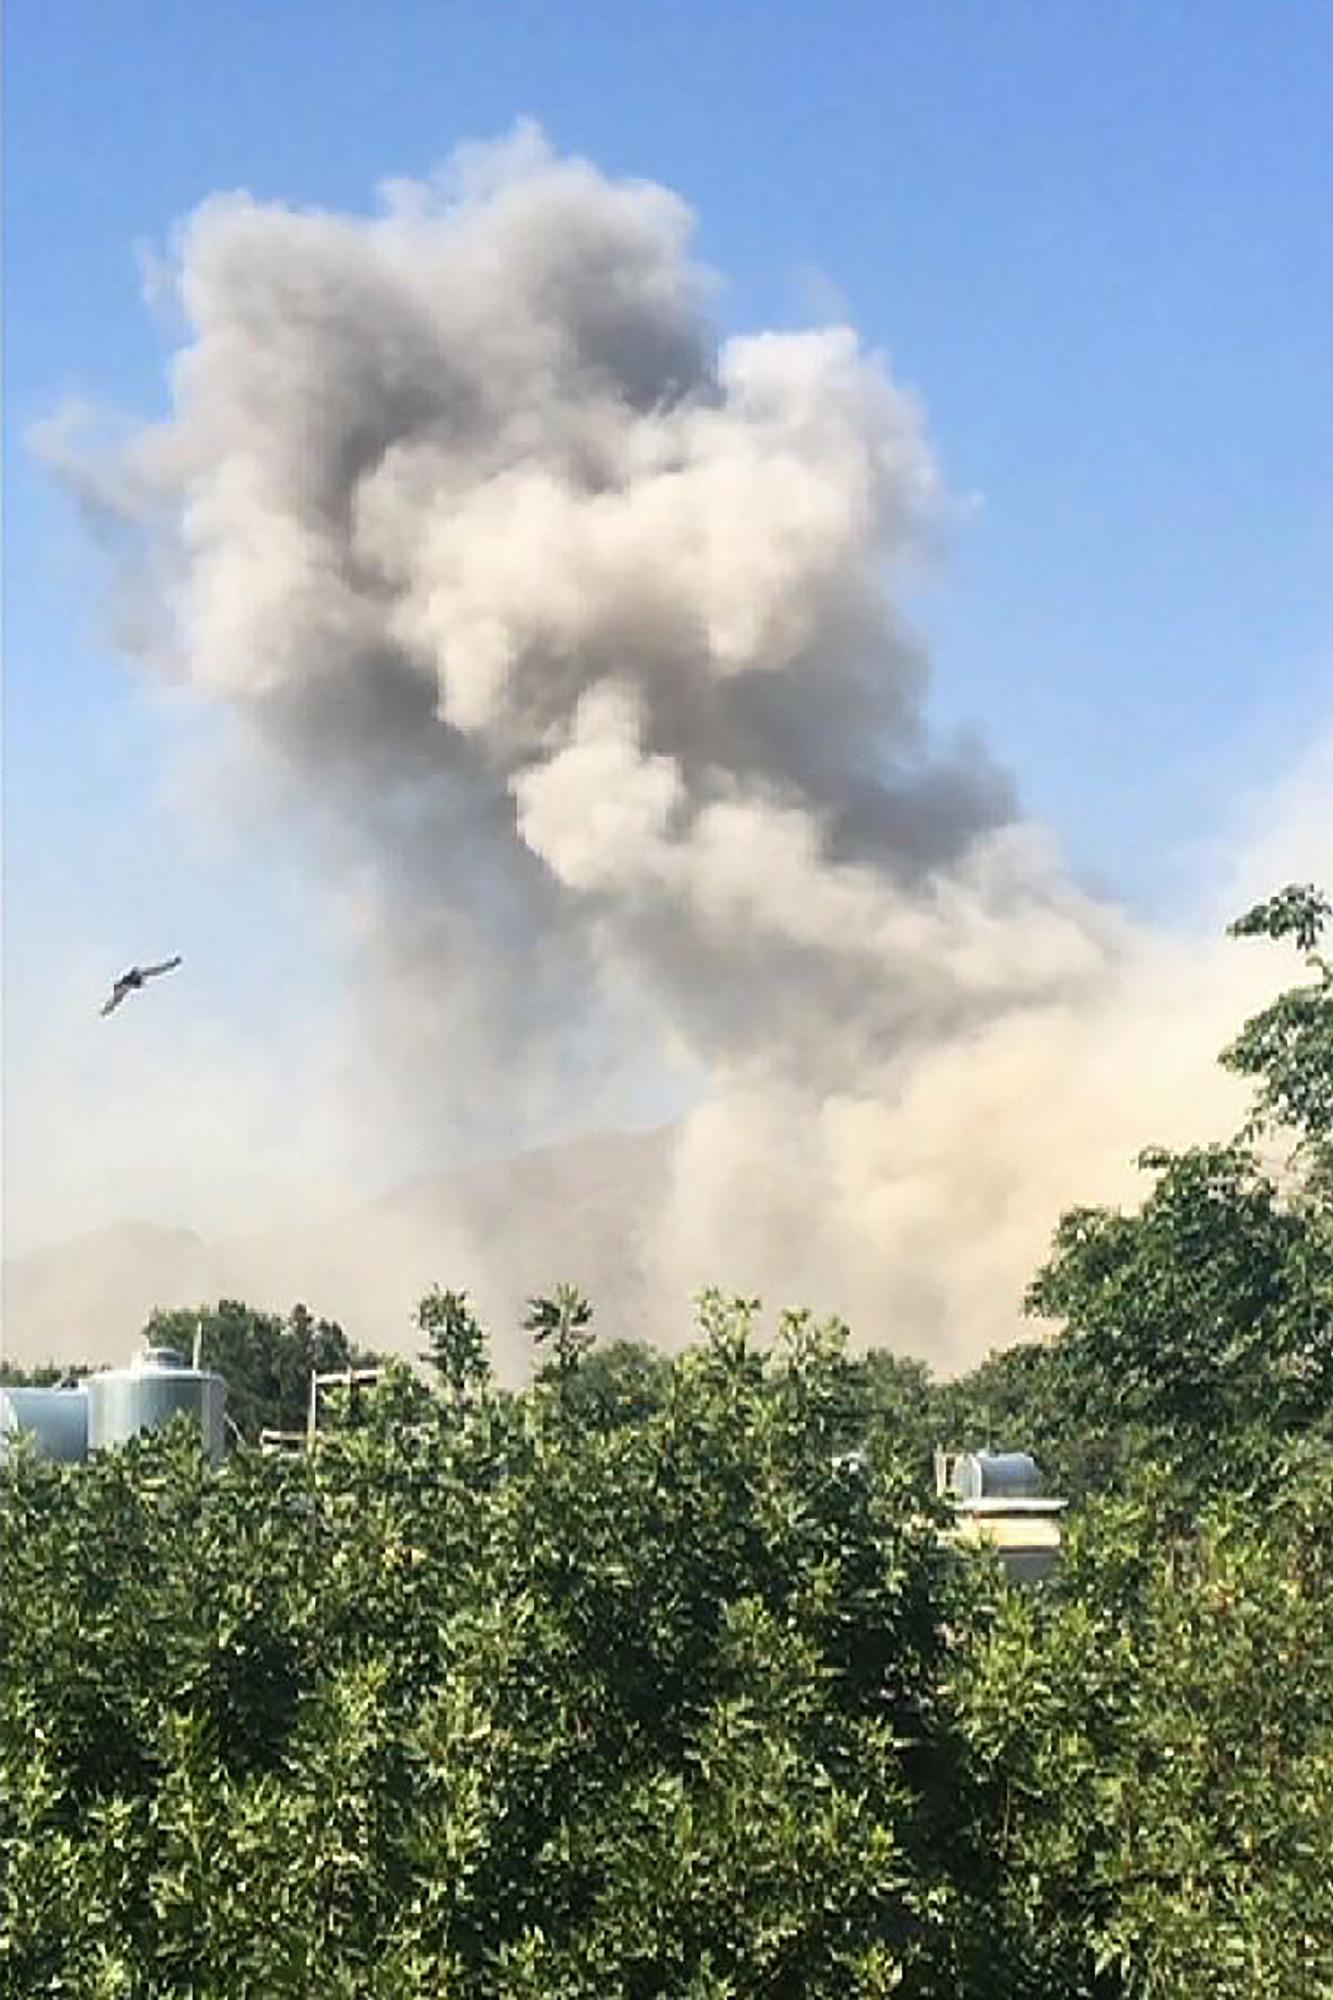 阿富汗首都喀布爾(Kabul)市中心區域7月1日發生一起大爆炸,據報事發地點就在外交使館區美國大使館附近,現場濃煙滾滾。 (Photo by Rateb NOORI / AFP)